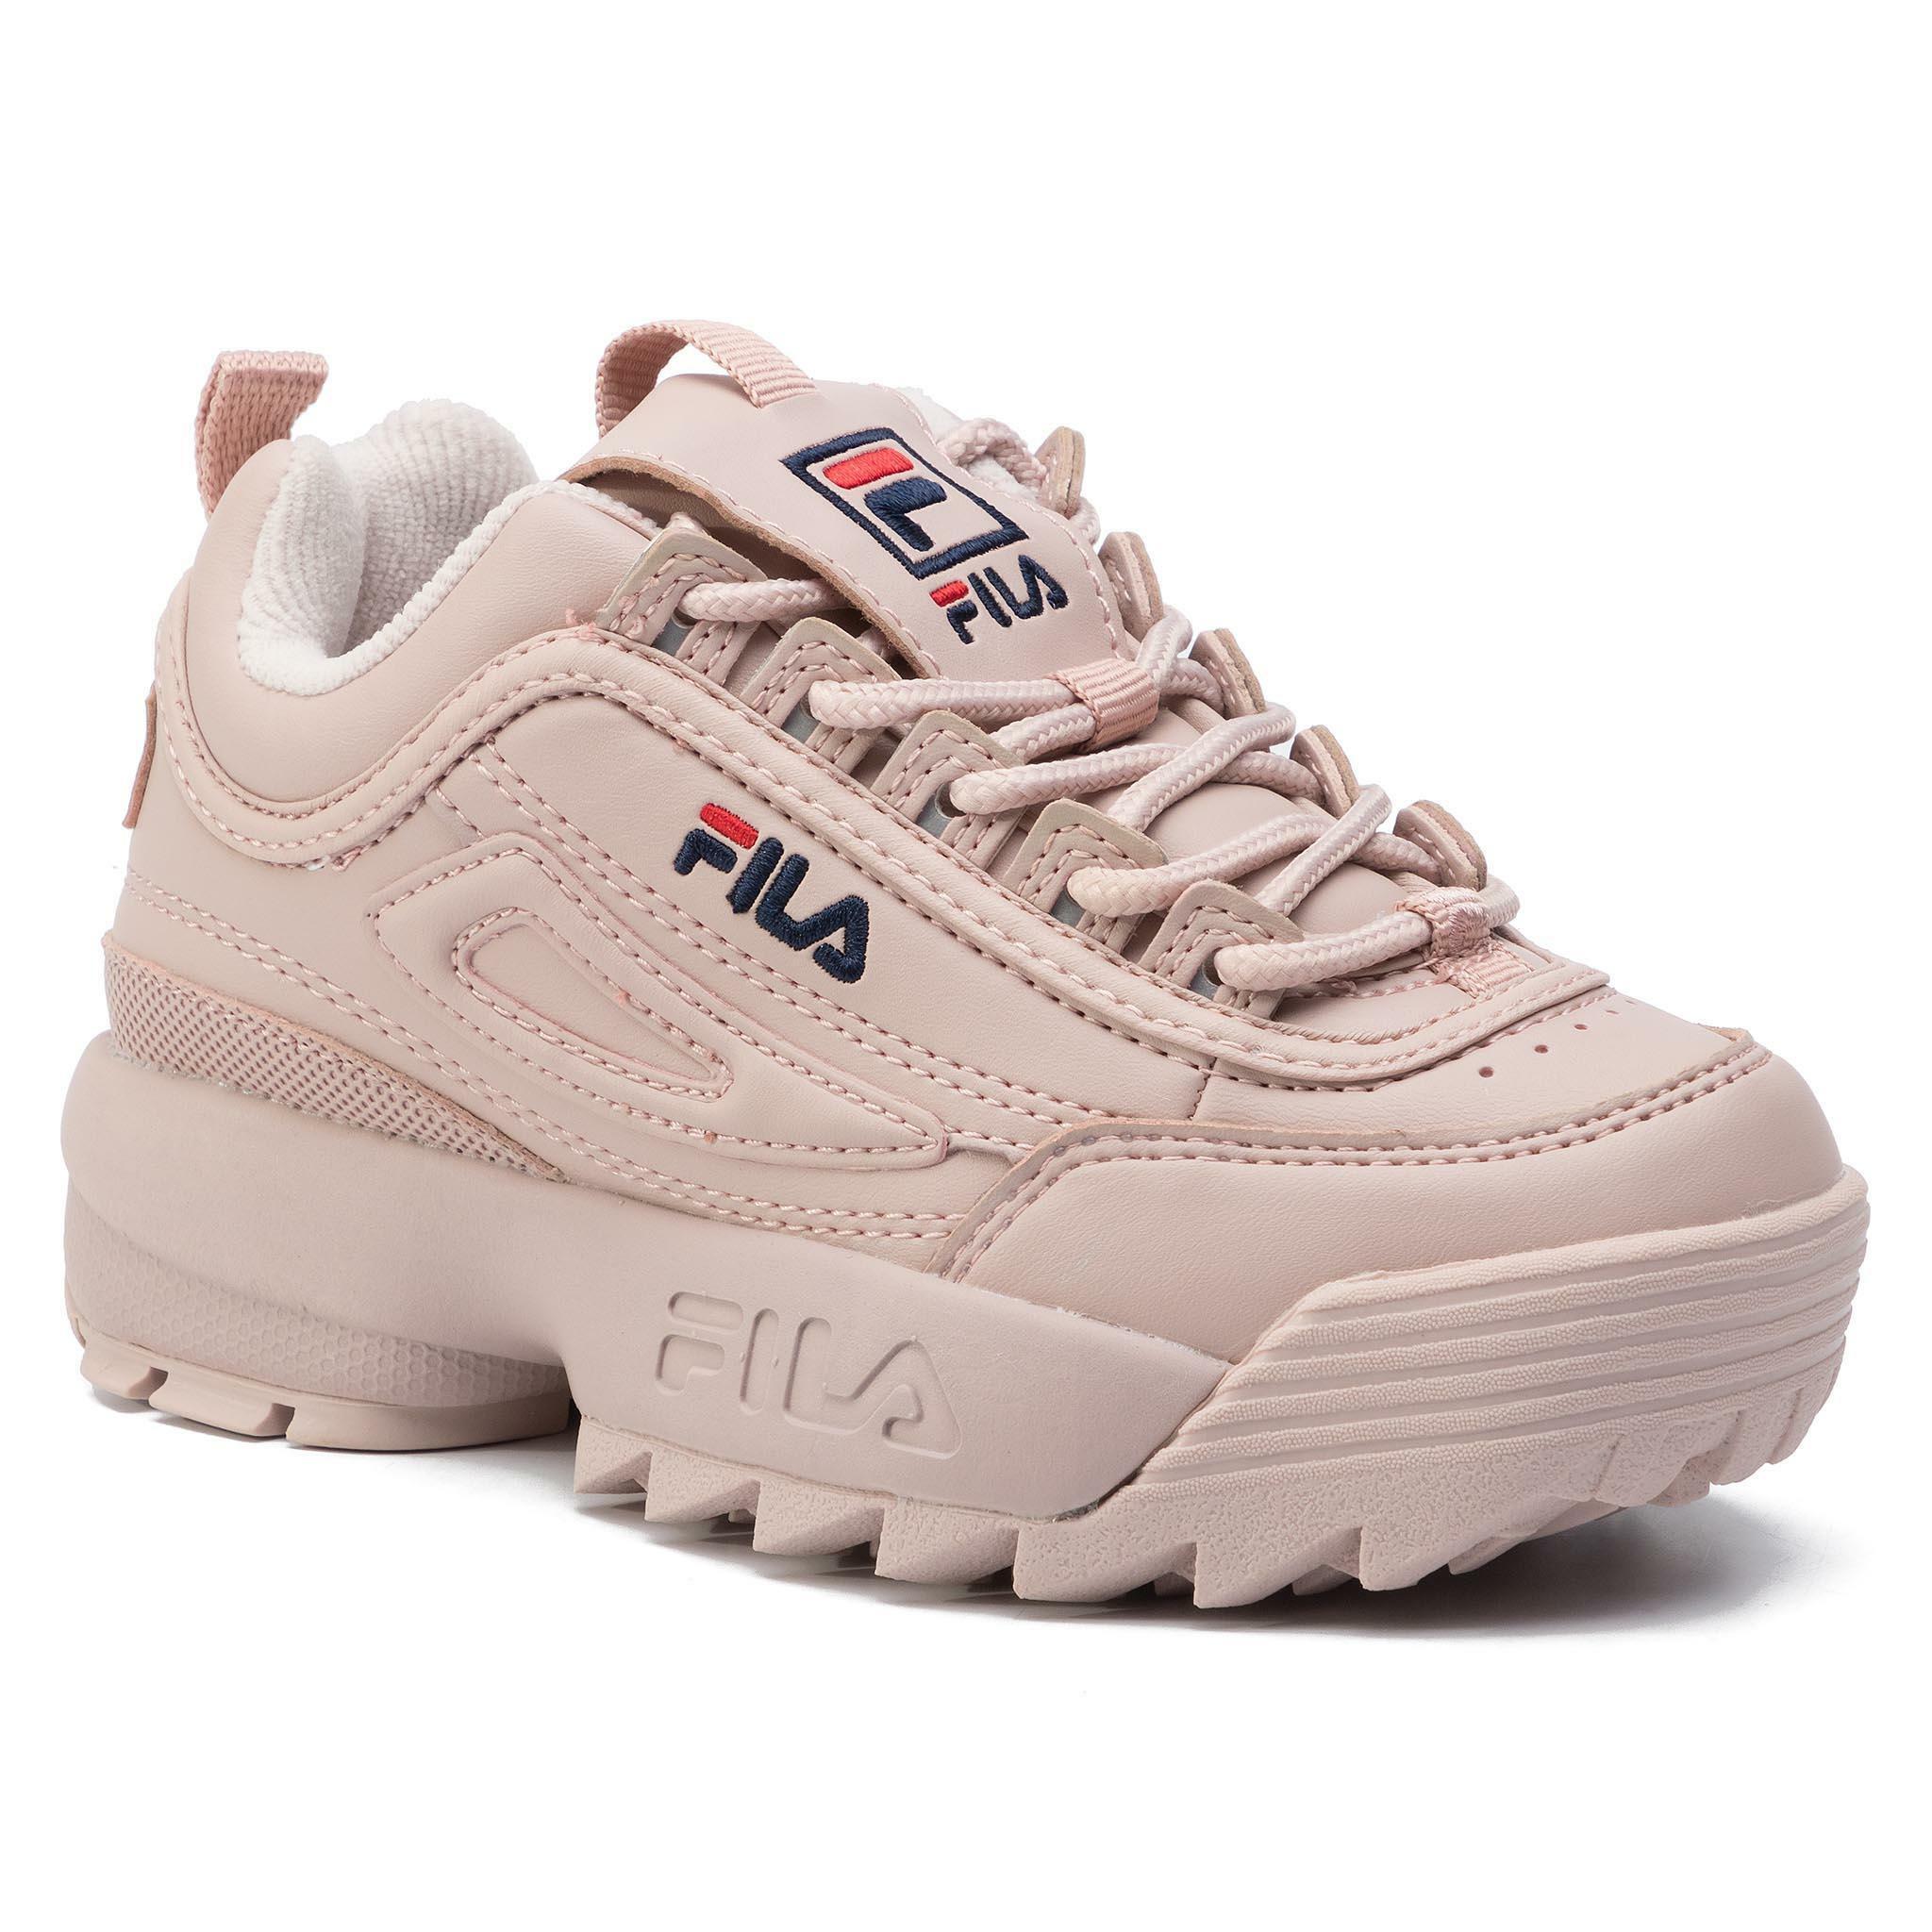 fila fila allacciato sportivo donna 1010302.71p rosa